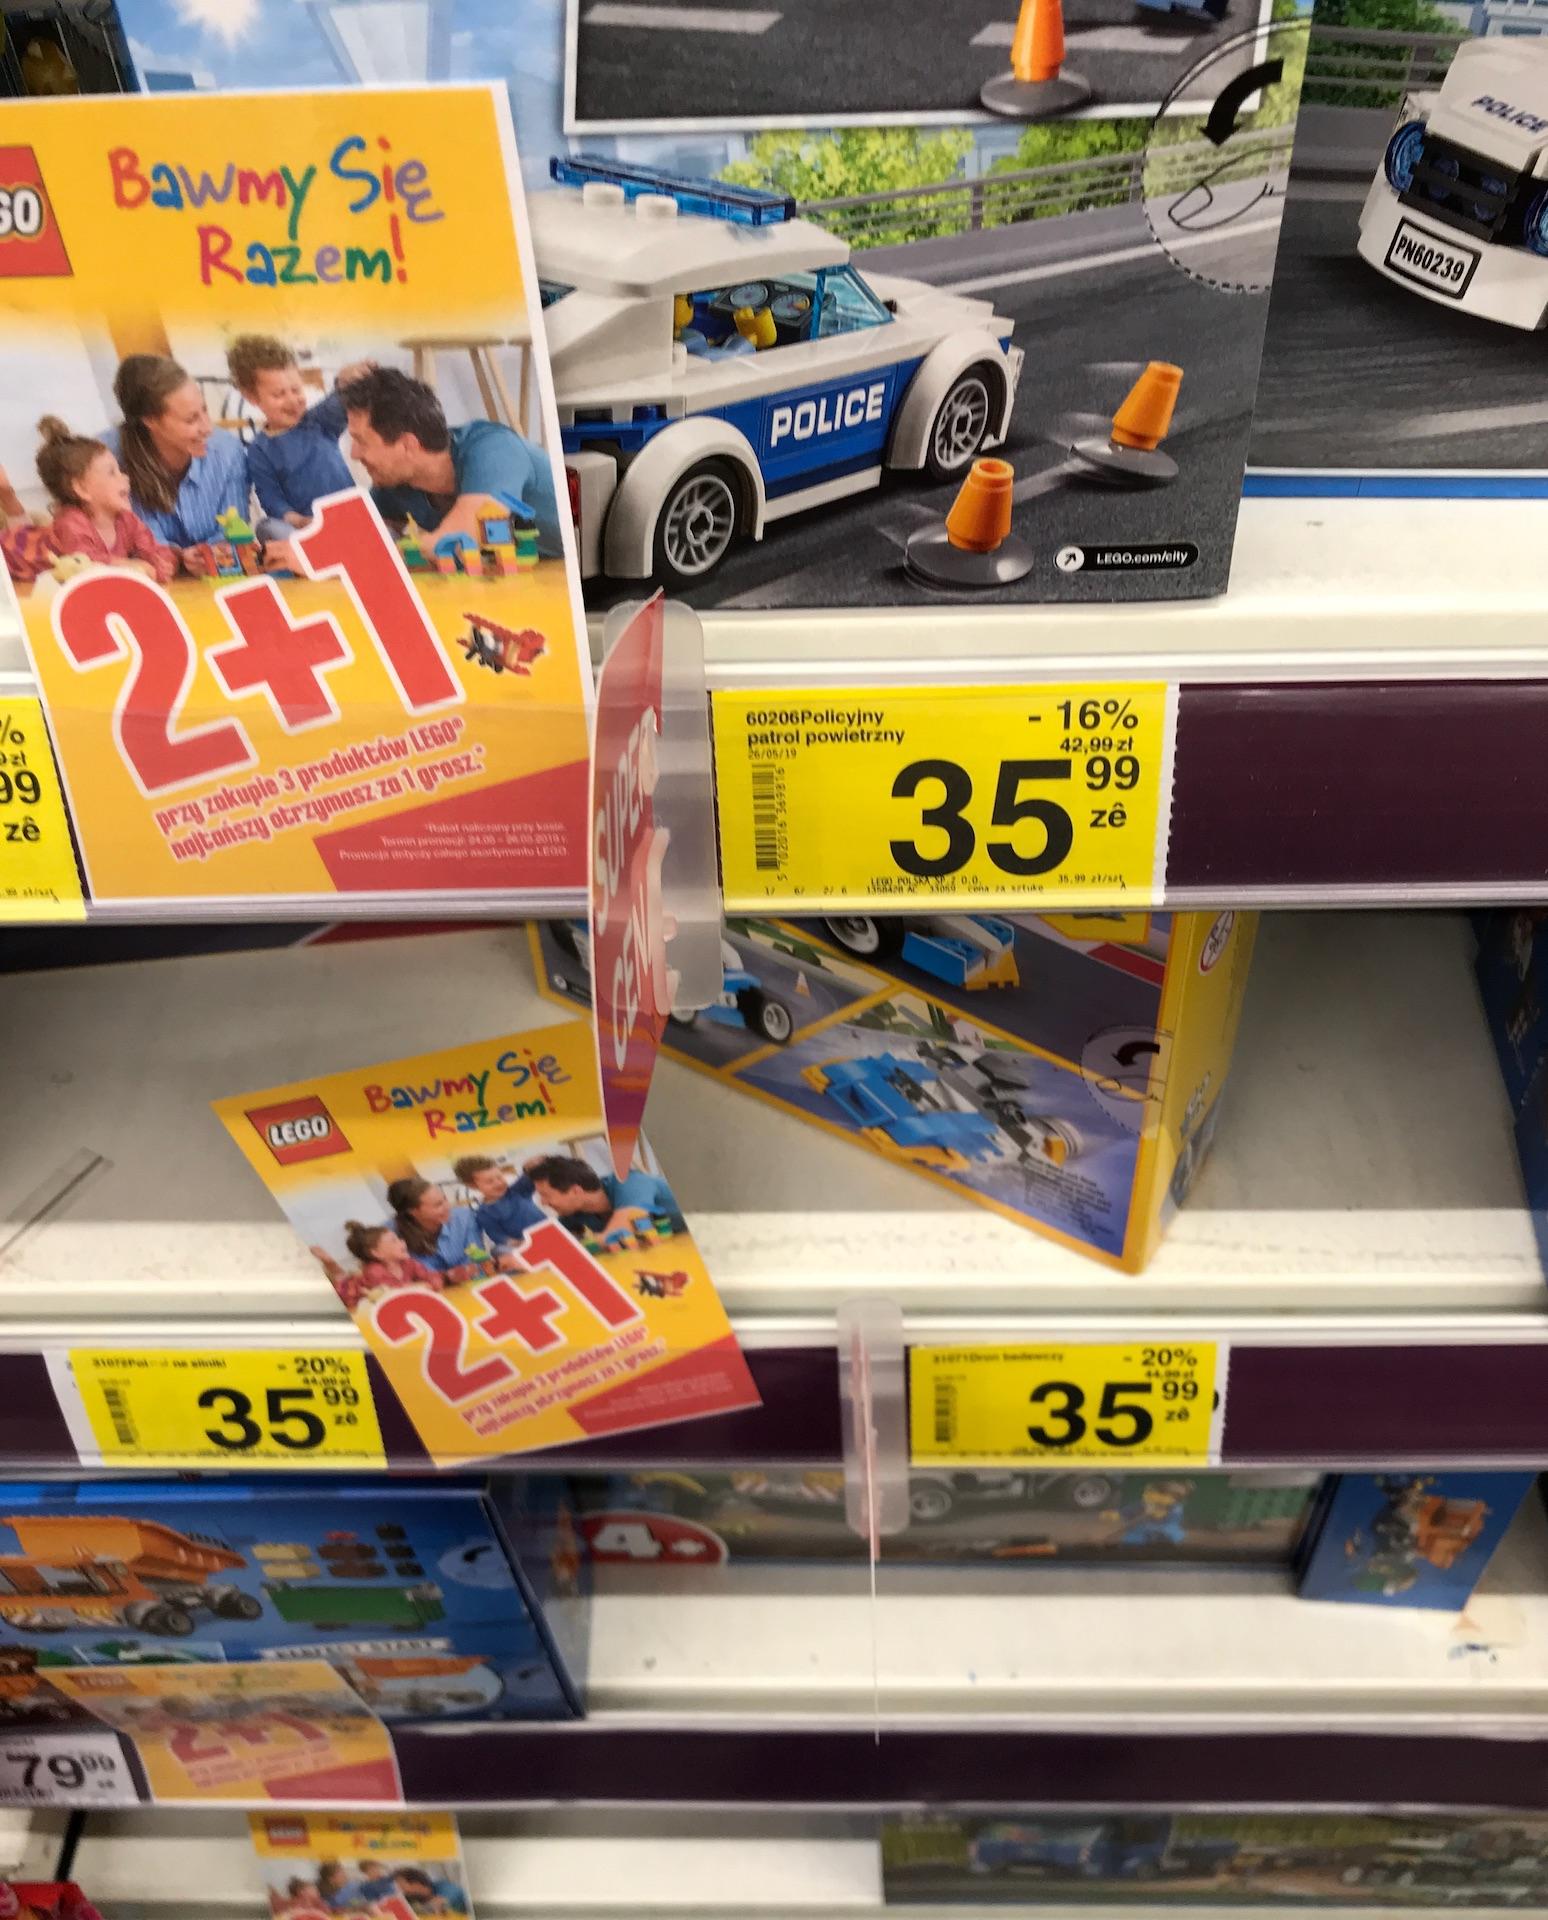 Dowolne LEGO 2+1 (trzeci za 1gr) Carrefour, dowolny mix zestawów